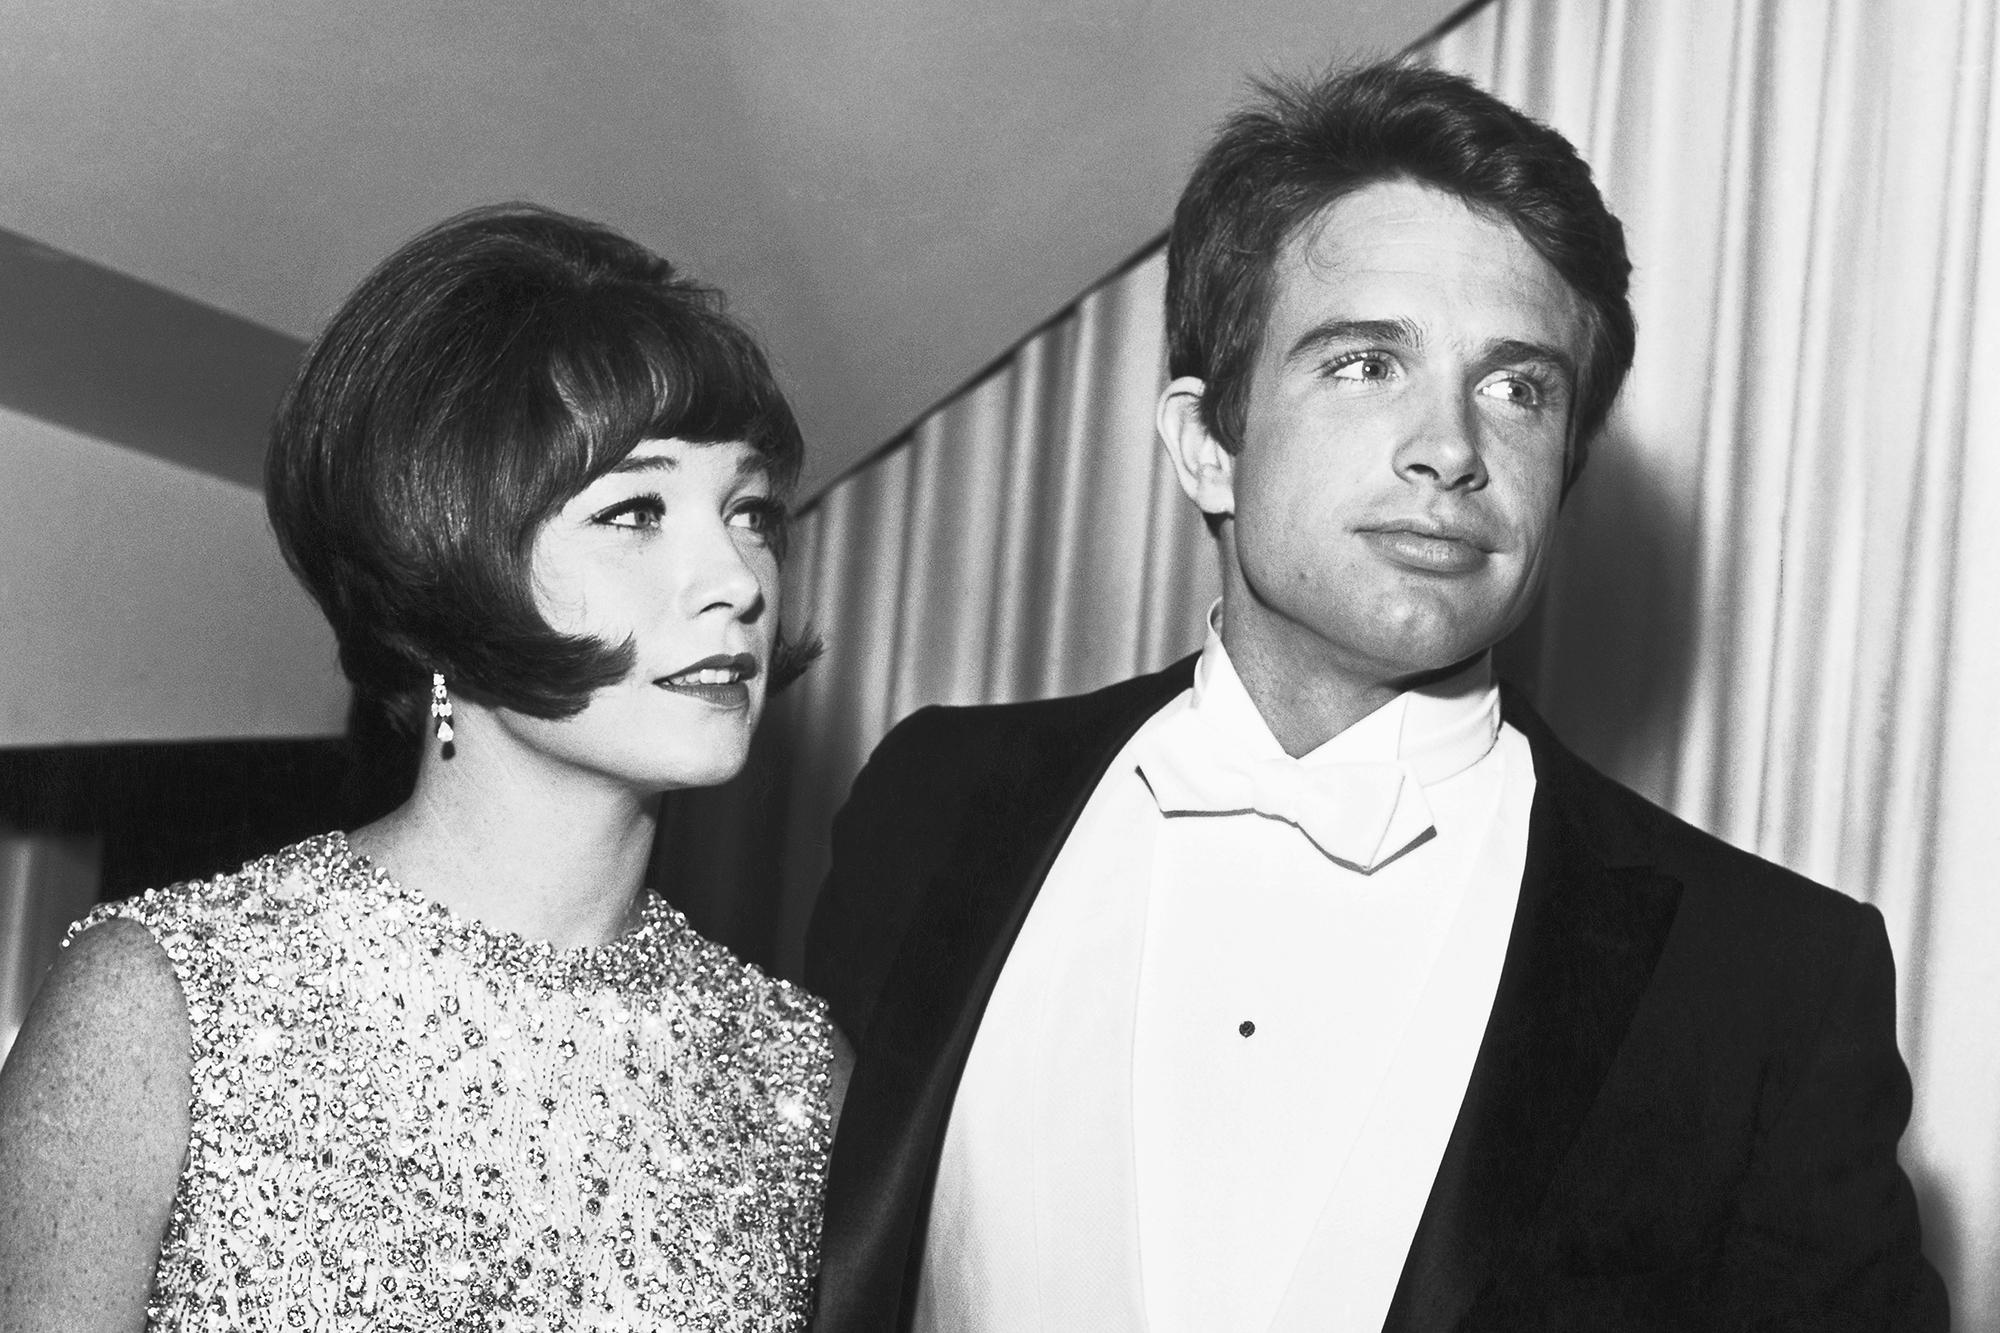 Shirley MacLaine and Warren Beatty